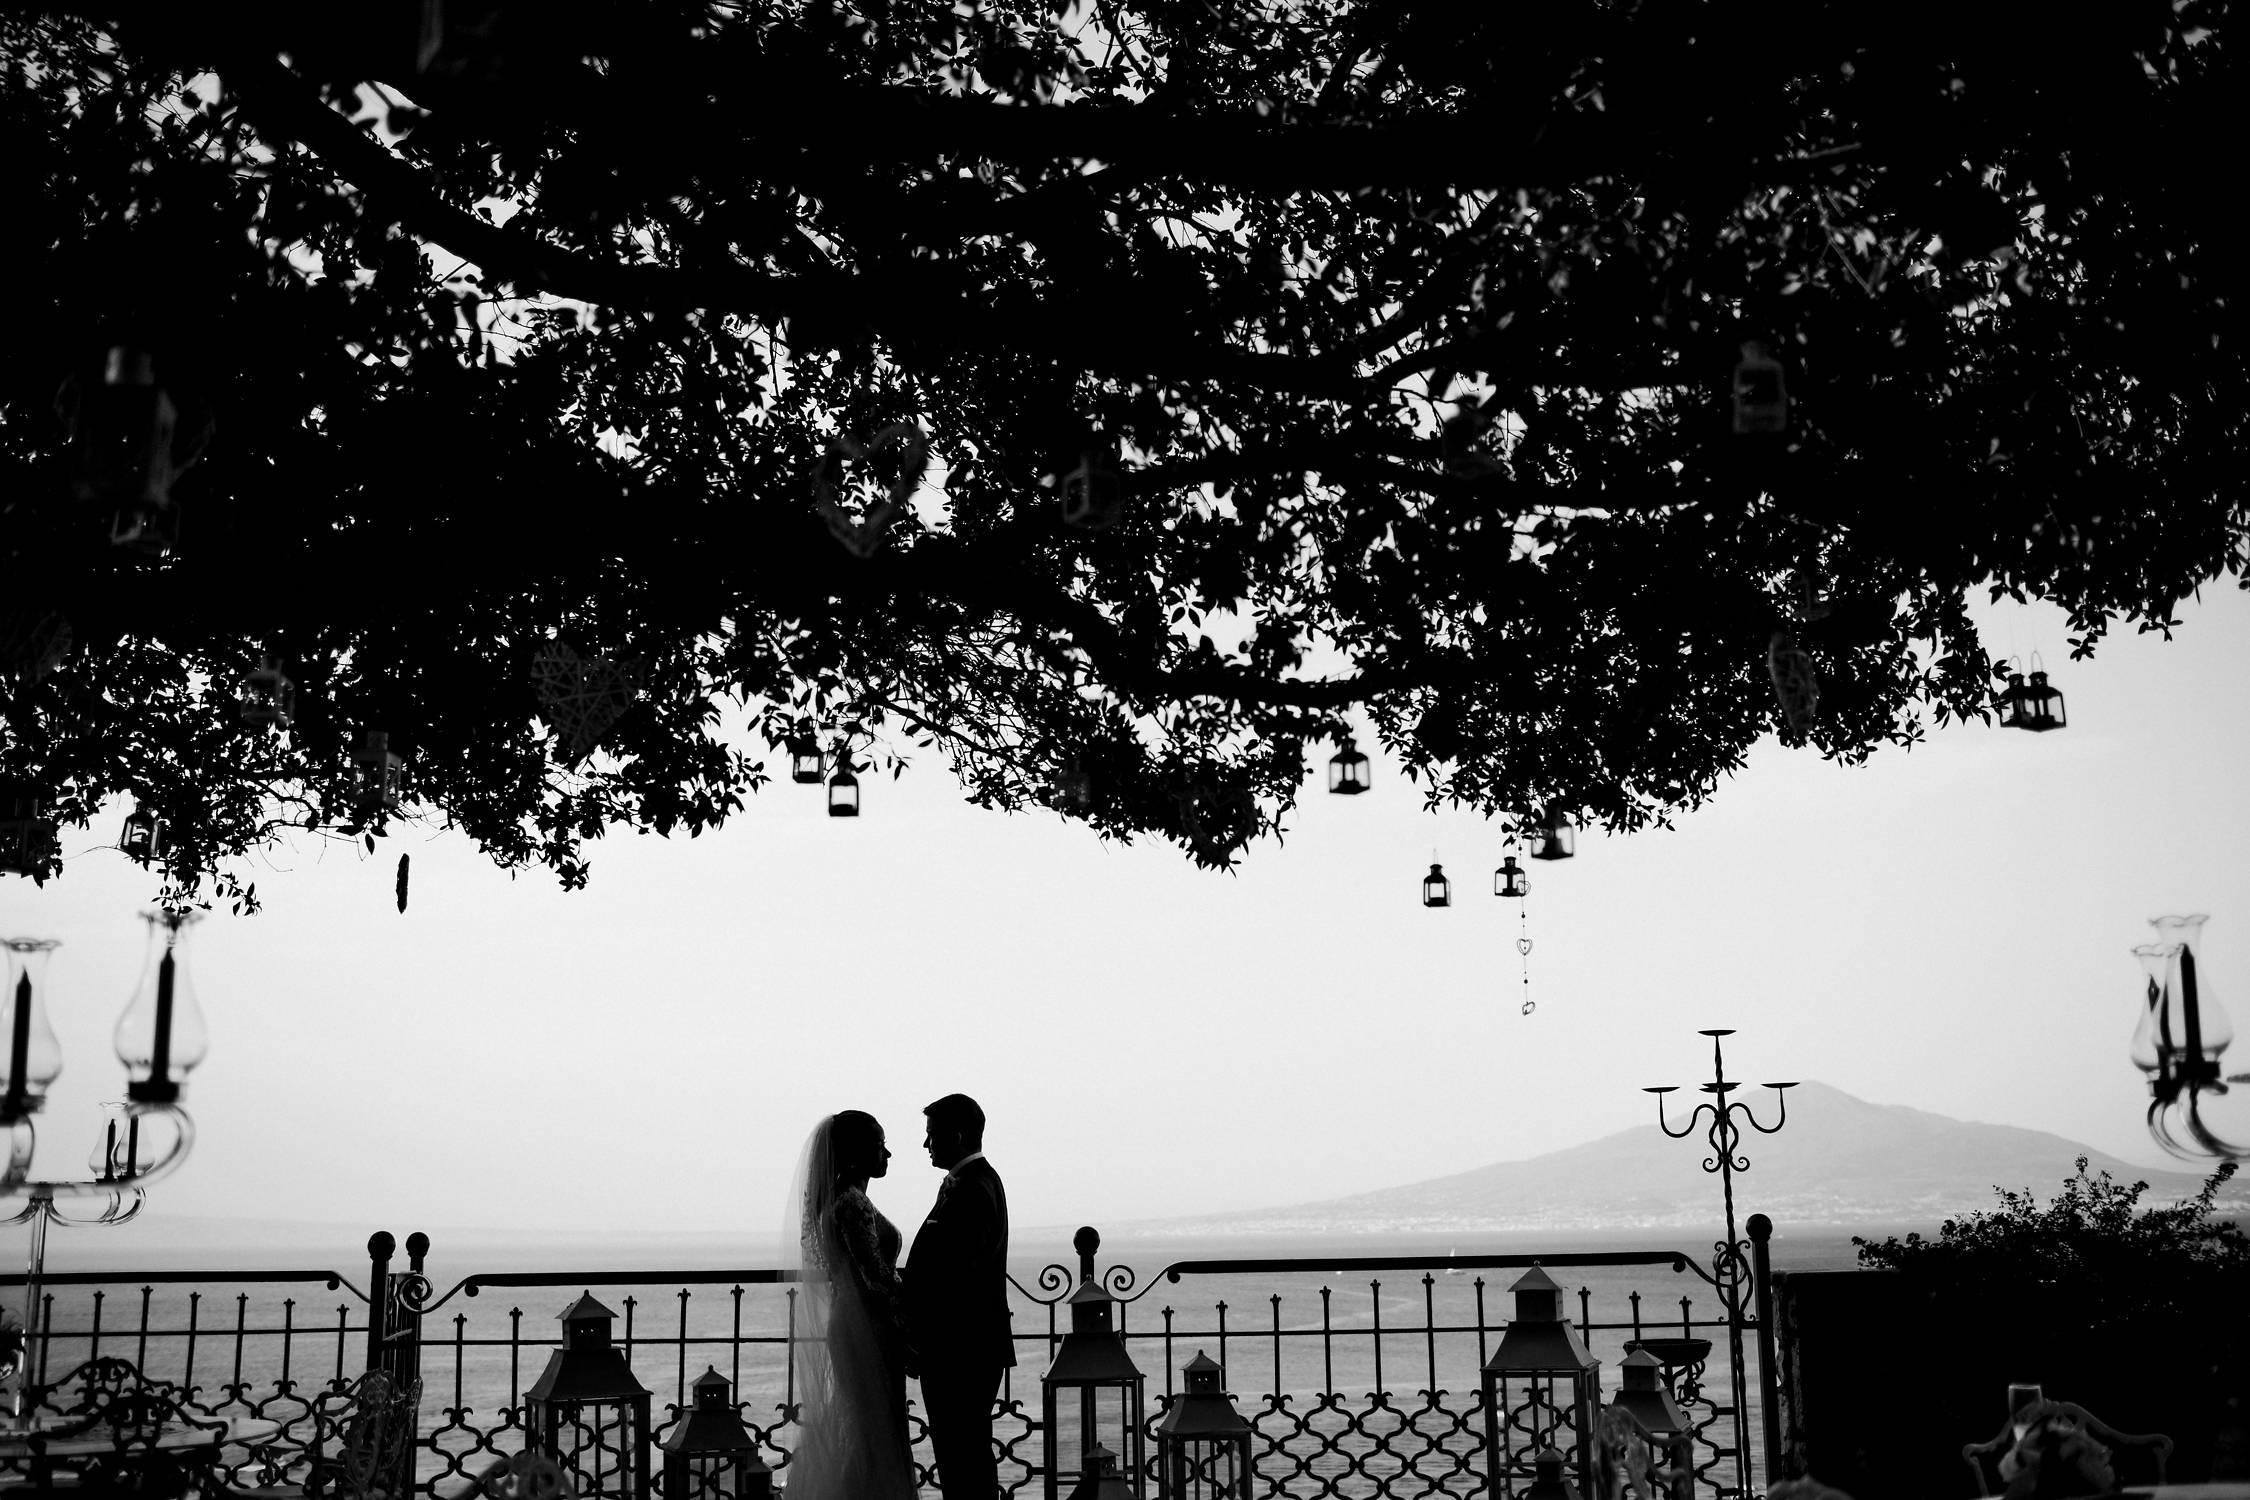 Buckinghamshire-Wedding-Photography-99